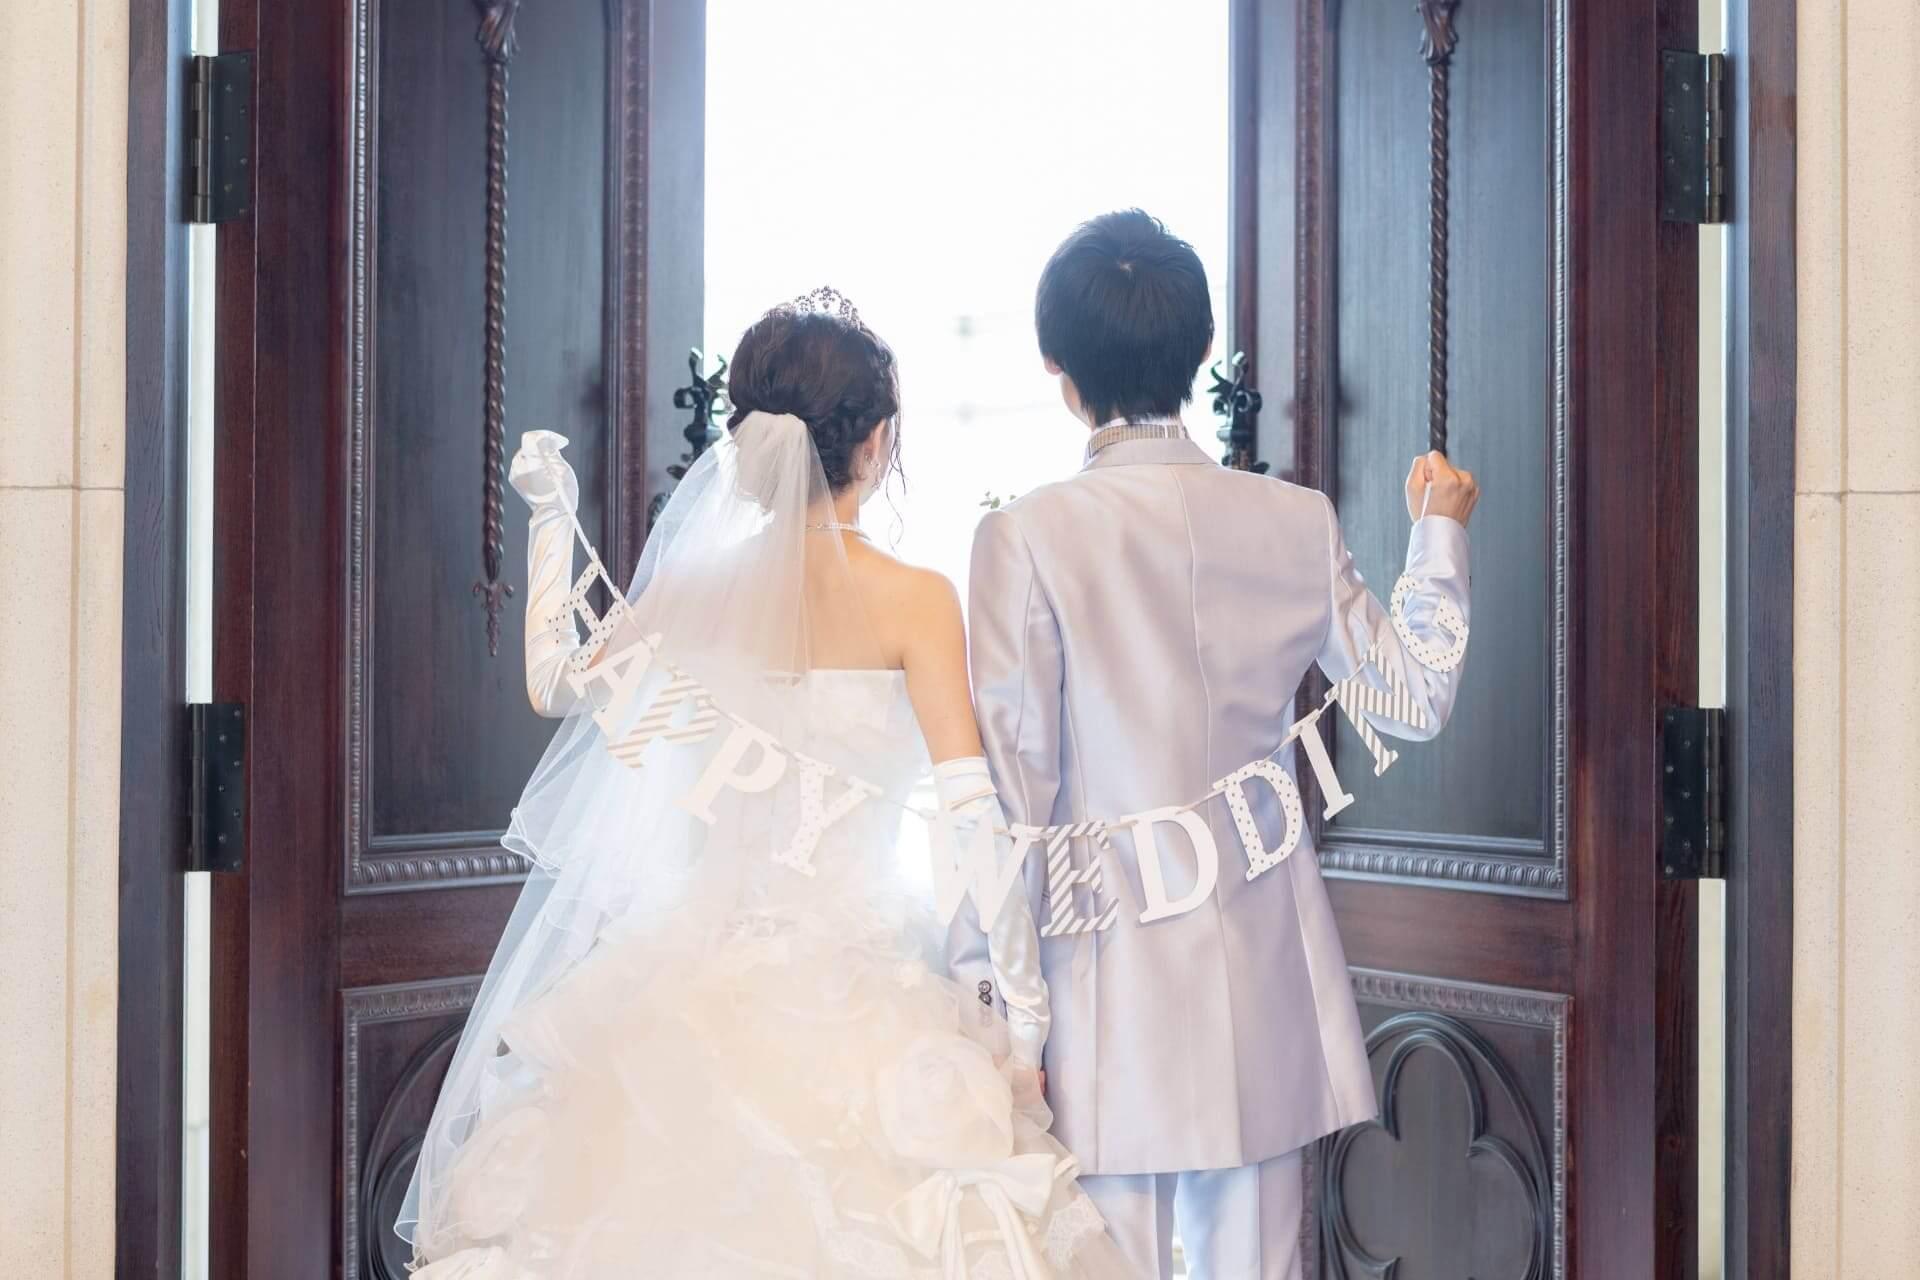 木下レオンの結婚占い|運命の相手と結婚したら人生はどう変わる?【無料】